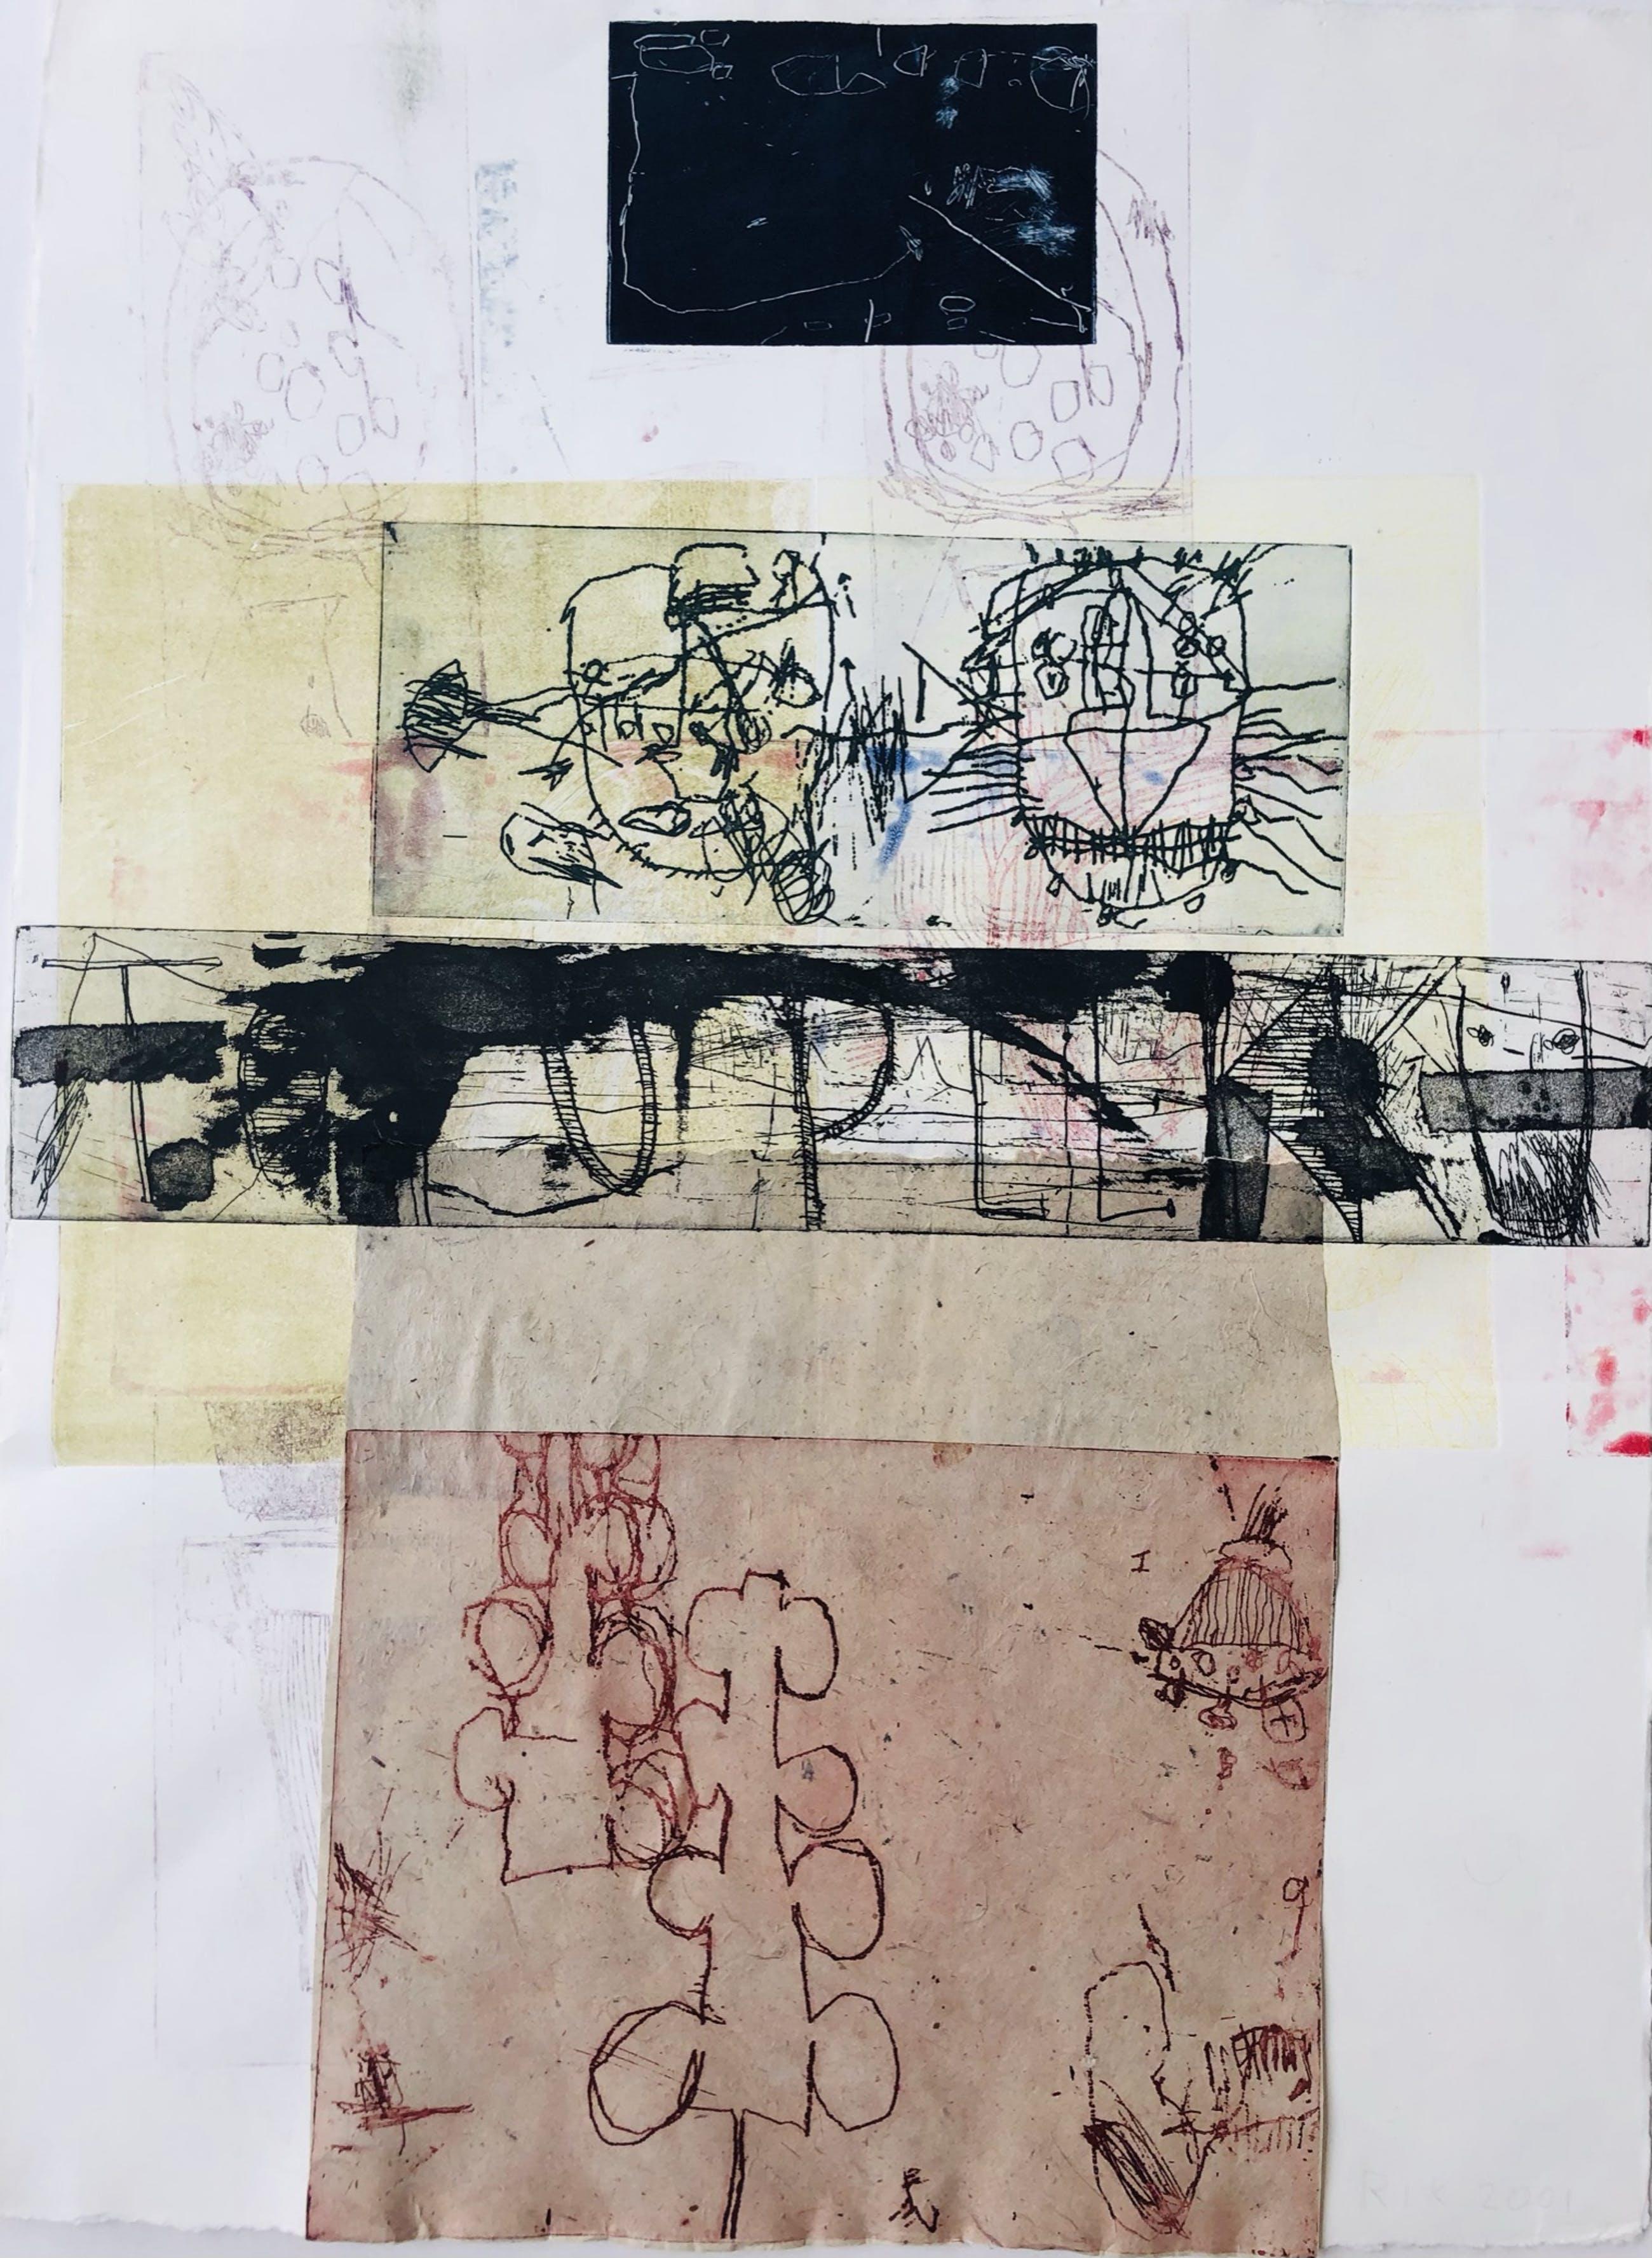 Rik van Iersel - gemengde techniek - collage en etsen - 2001 kopen? Bied vanaf 185!